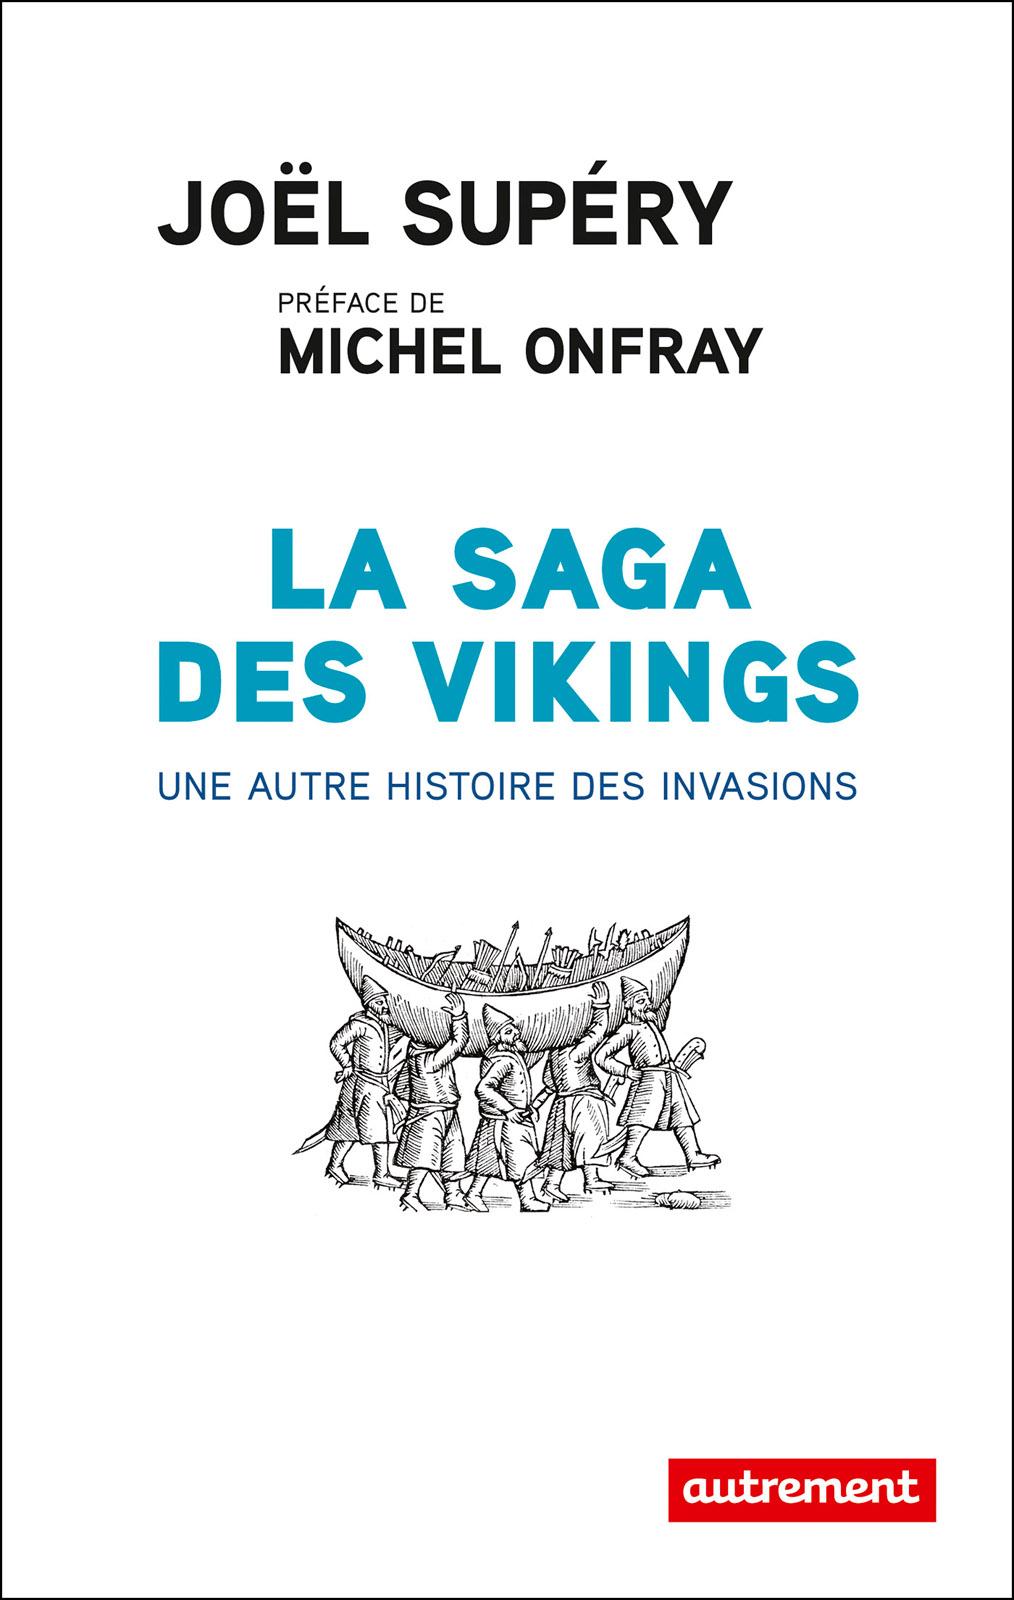 La saga des Vikings. Une autre histoire des invasions